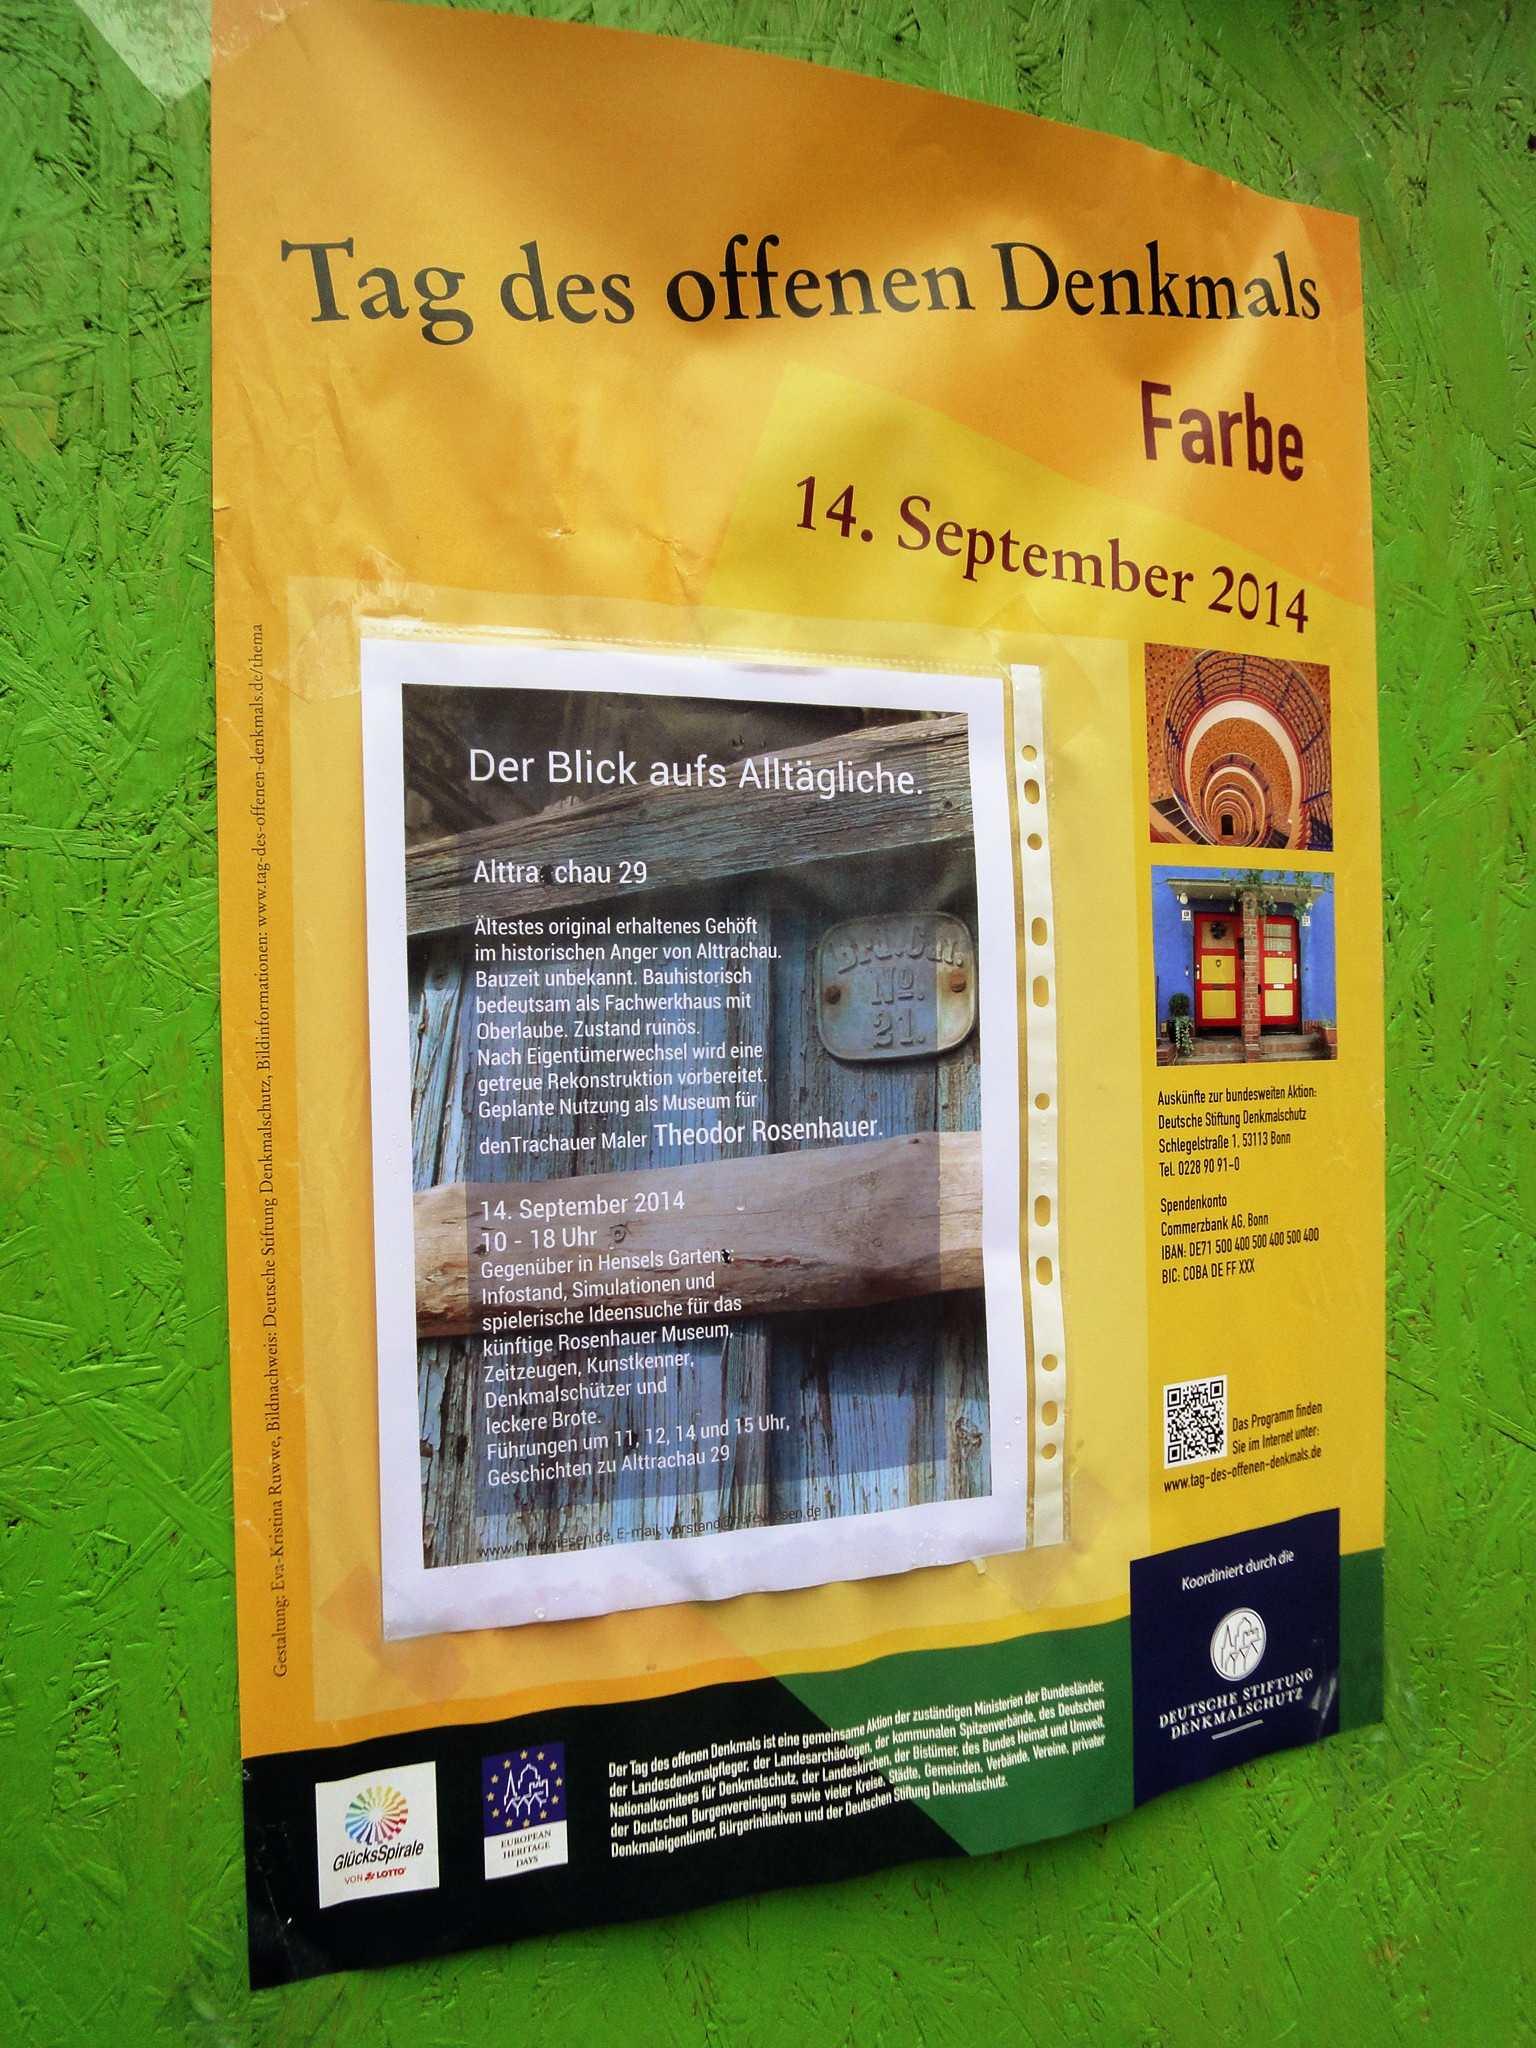 Ankündigung der Rosenhauer-Aktion am Tag des offenen Denkmals 2014